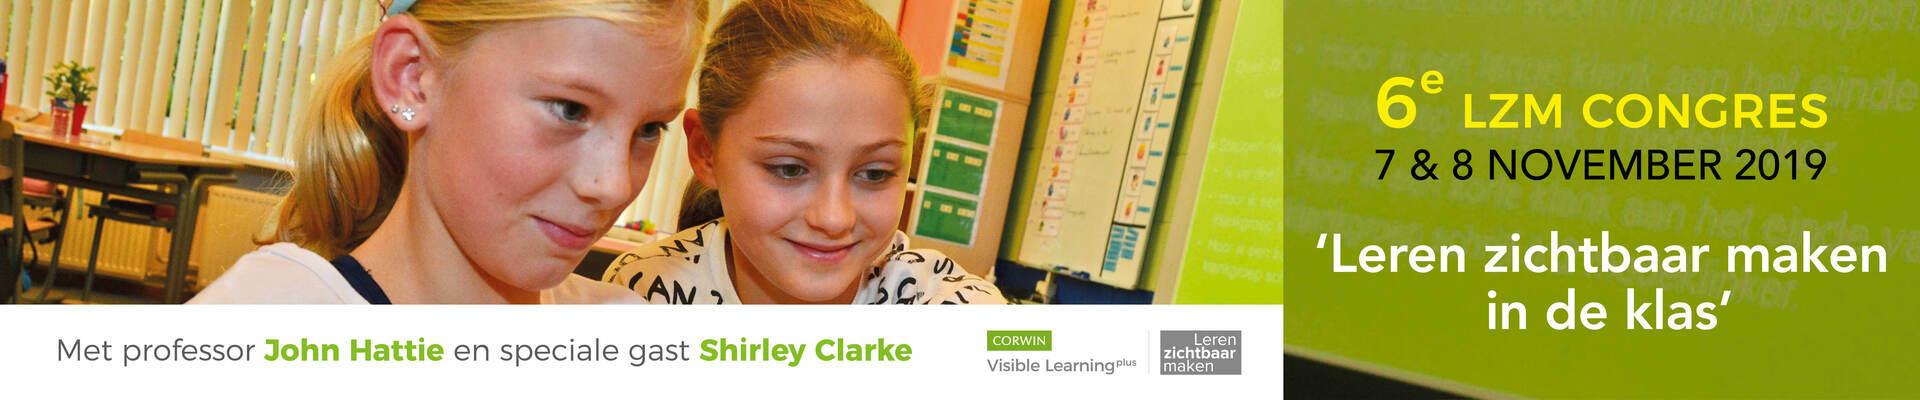 Leren zichtbaar maken in de klas